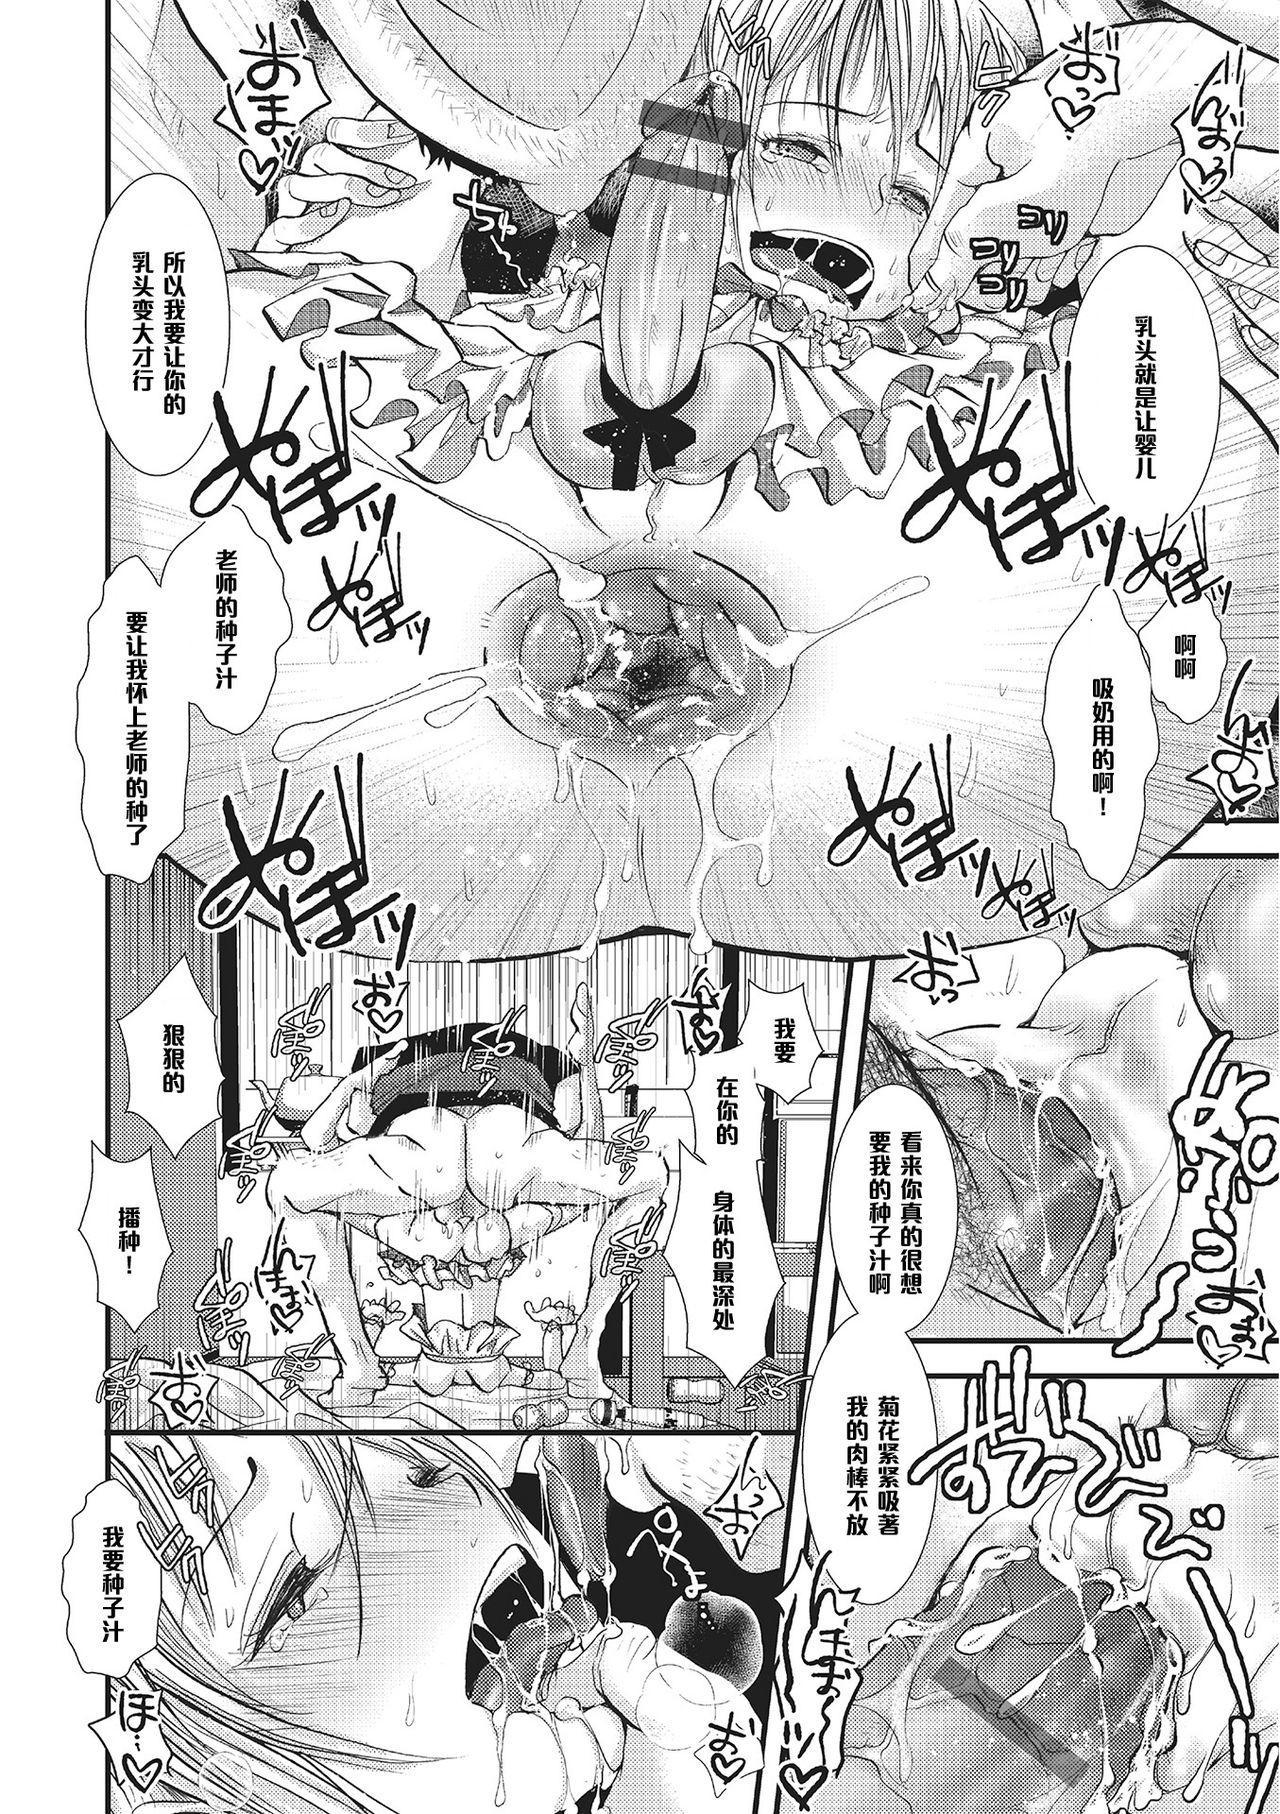 Shounen Immoral 3 11